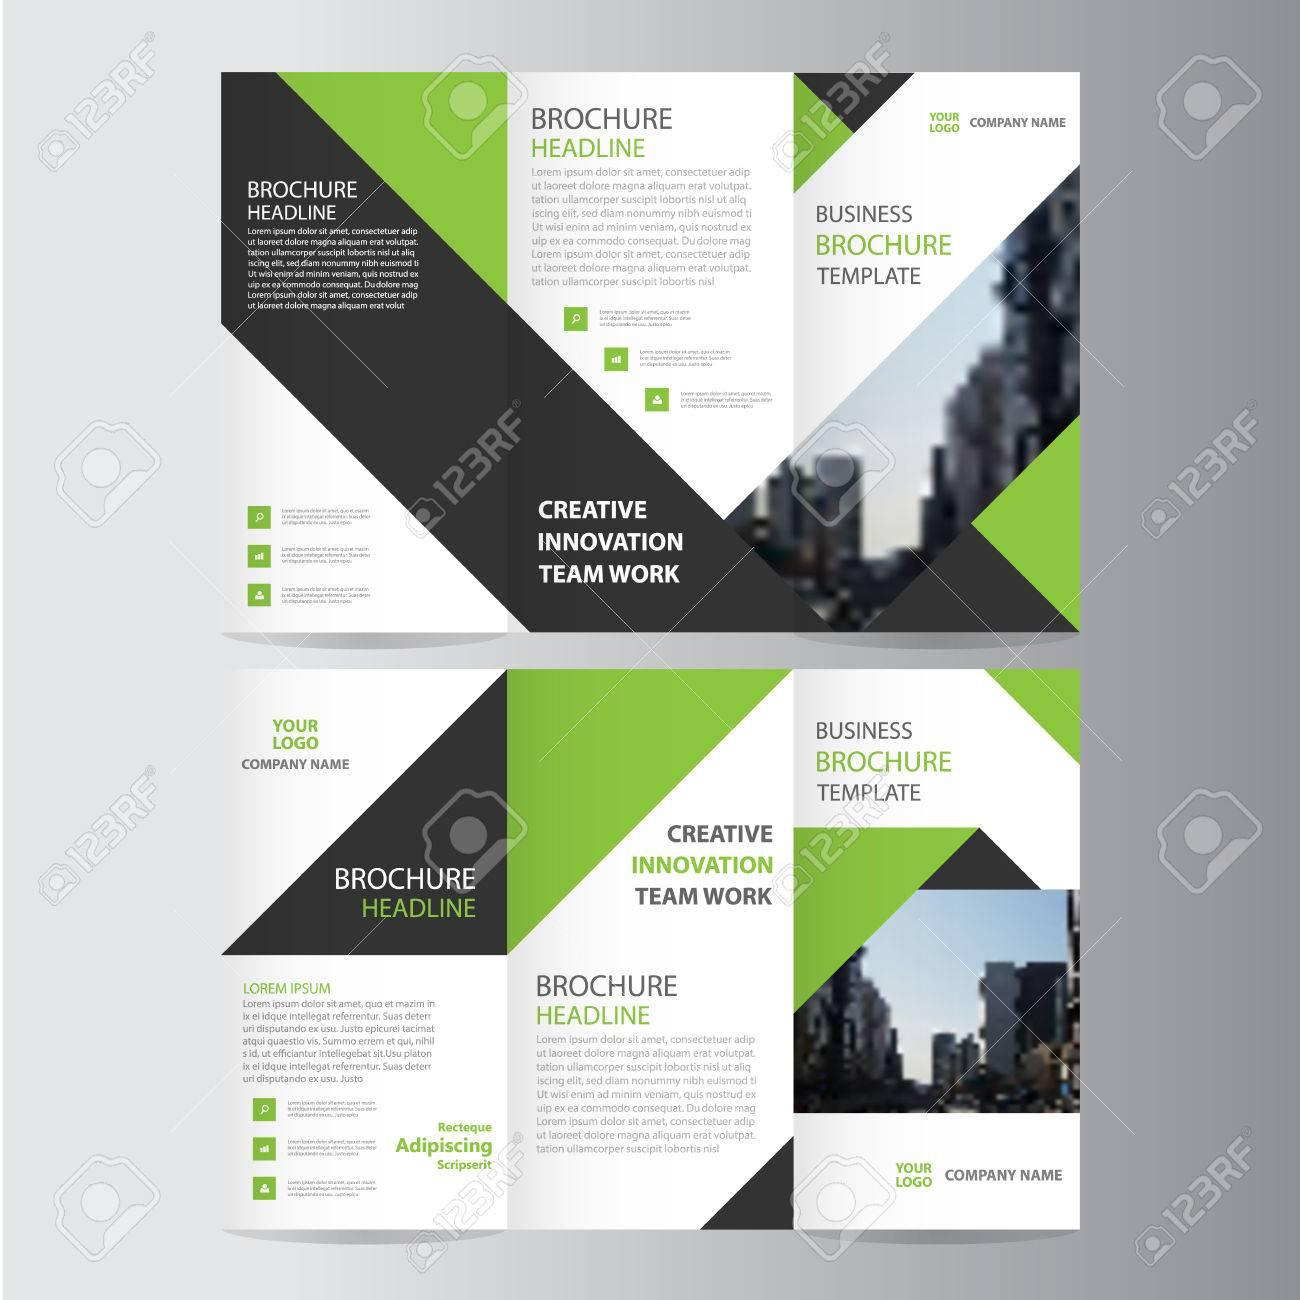 Green black elegance business trifold business Leaflet Brochure template minimal flat design - 56758311